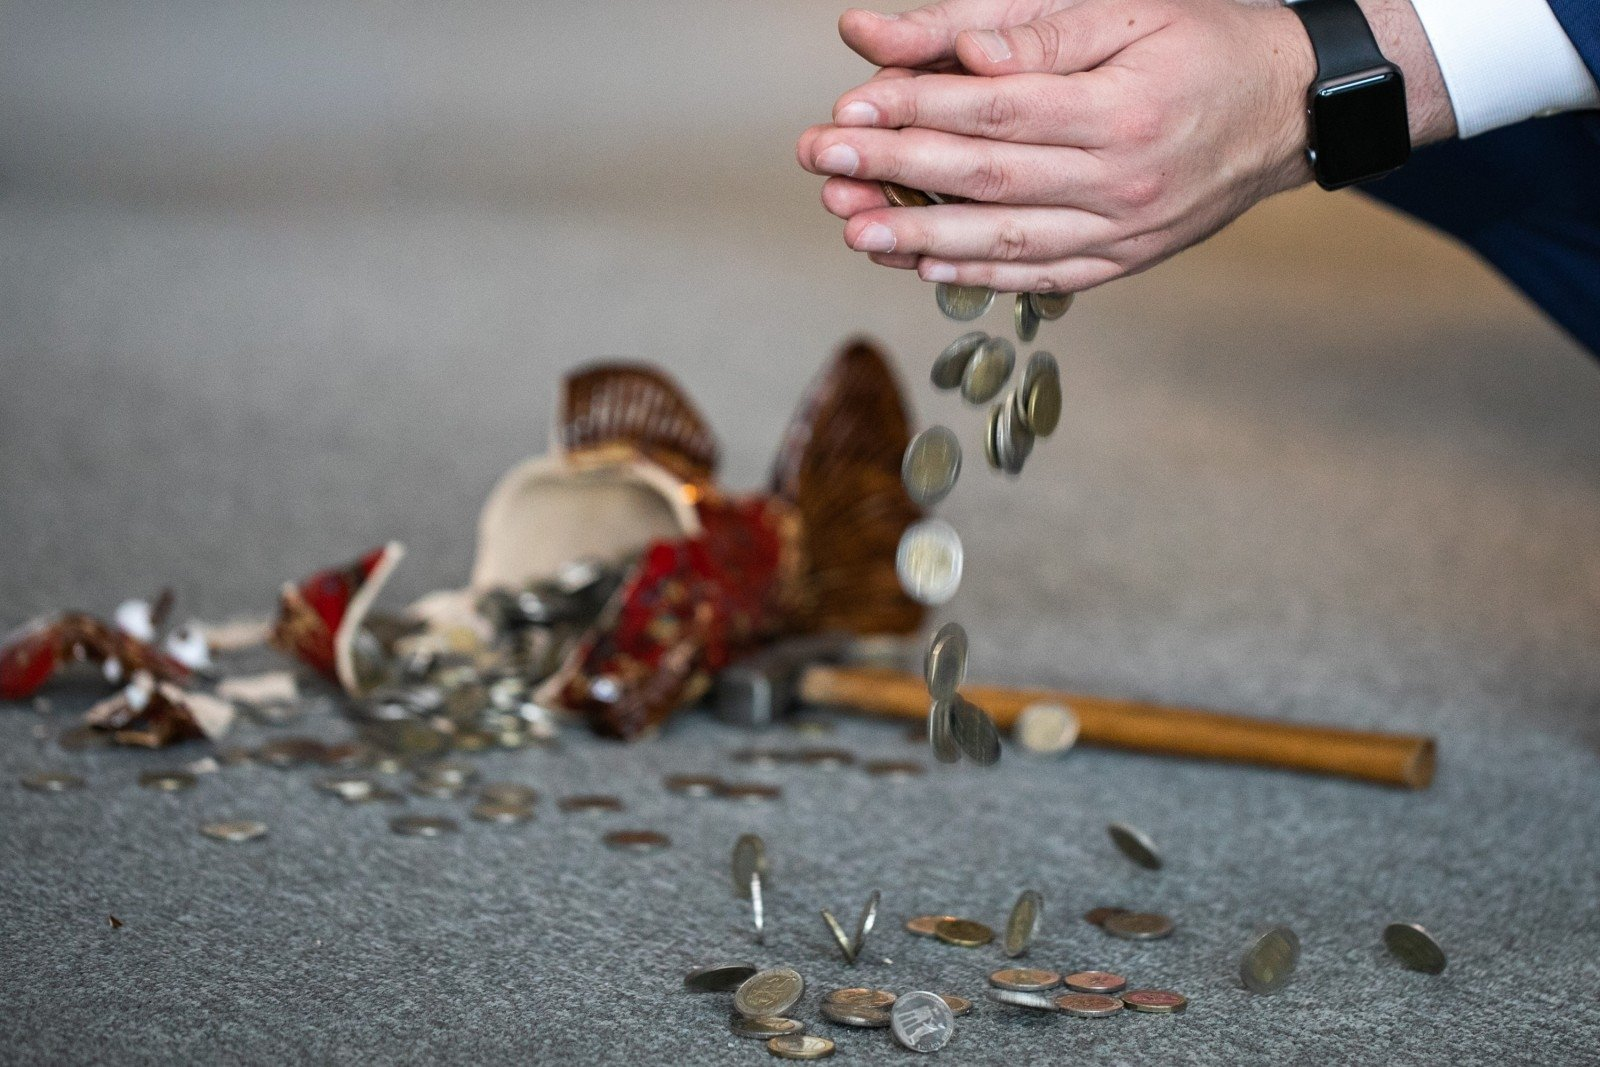 kas gali padėti užsidirbti pinigų